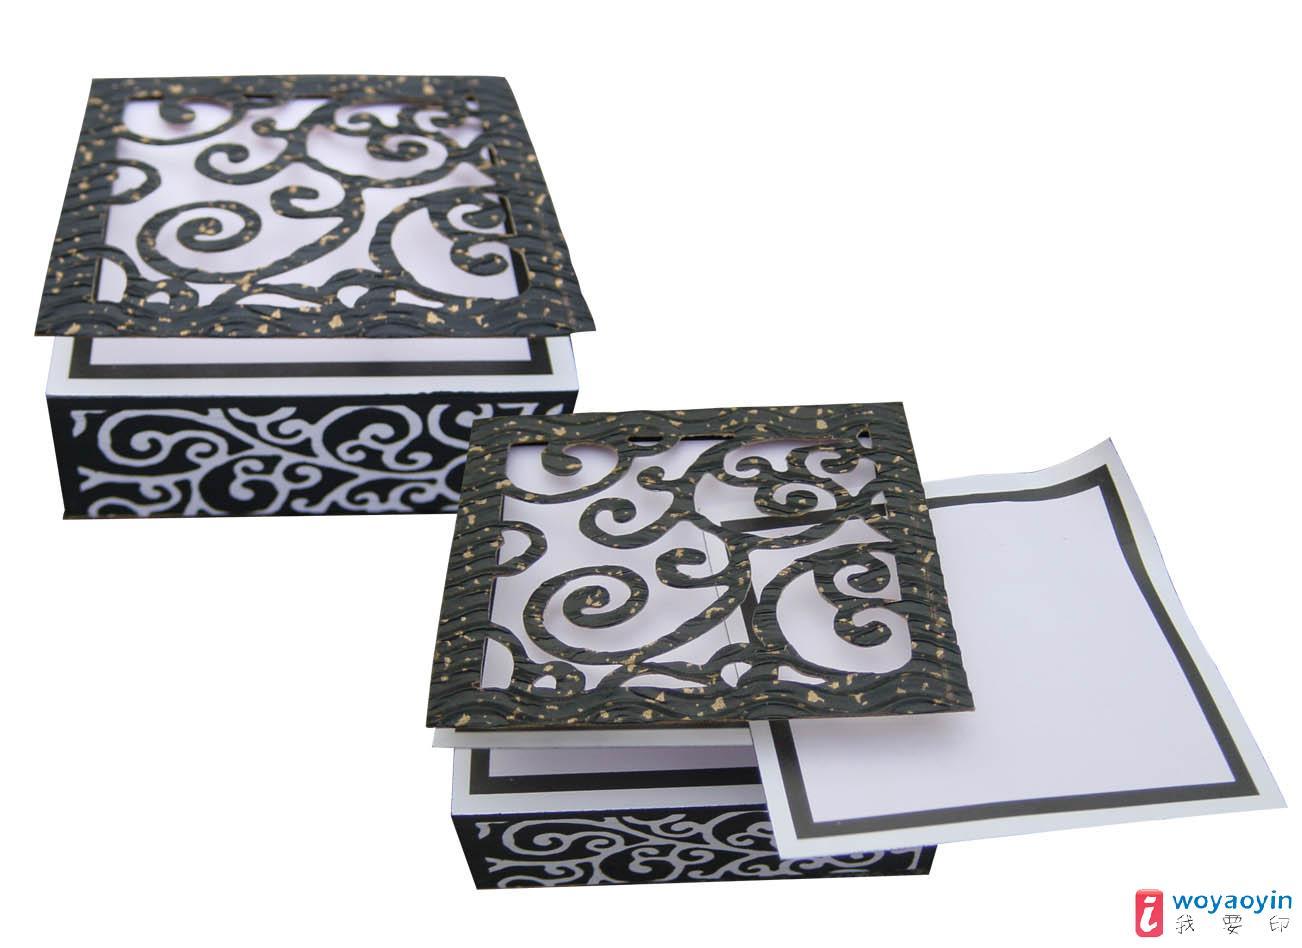 【供应】品名:创意手绘系列纸砖--黑色窗花